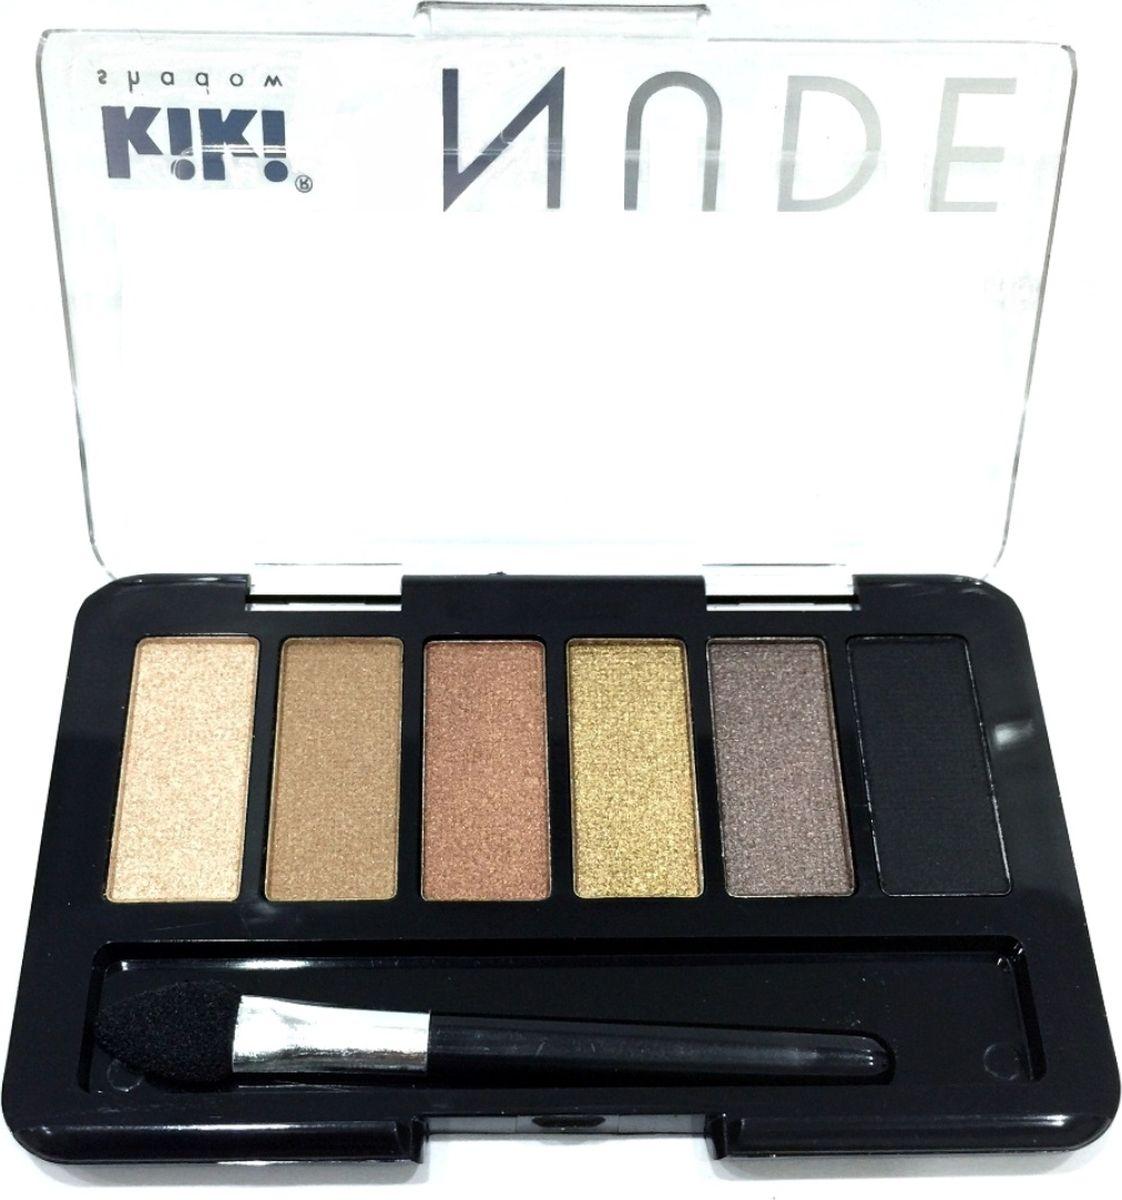 Kiki Тени для век shadow Nude 903, 2.76 грGESS-131Шесть идеально подобранных оттенков в нюдовых тонах не оставят вас равнодушными. Тени обладают нежной, хорошо поддающейся растушевке текстурой. Благодаря удобному аппликатору макияж можно создавать буквально на ходу.